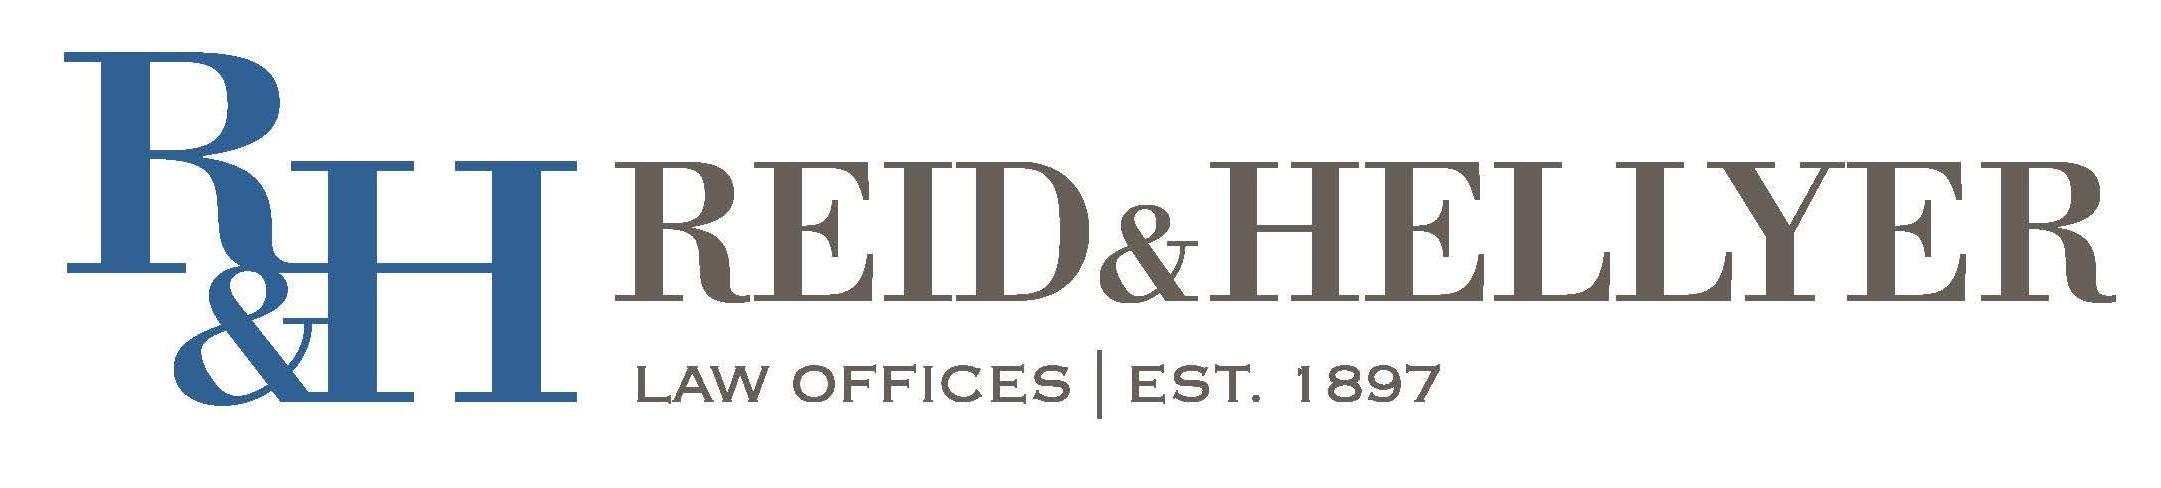 Reid & Hellyer Law Offices Logo